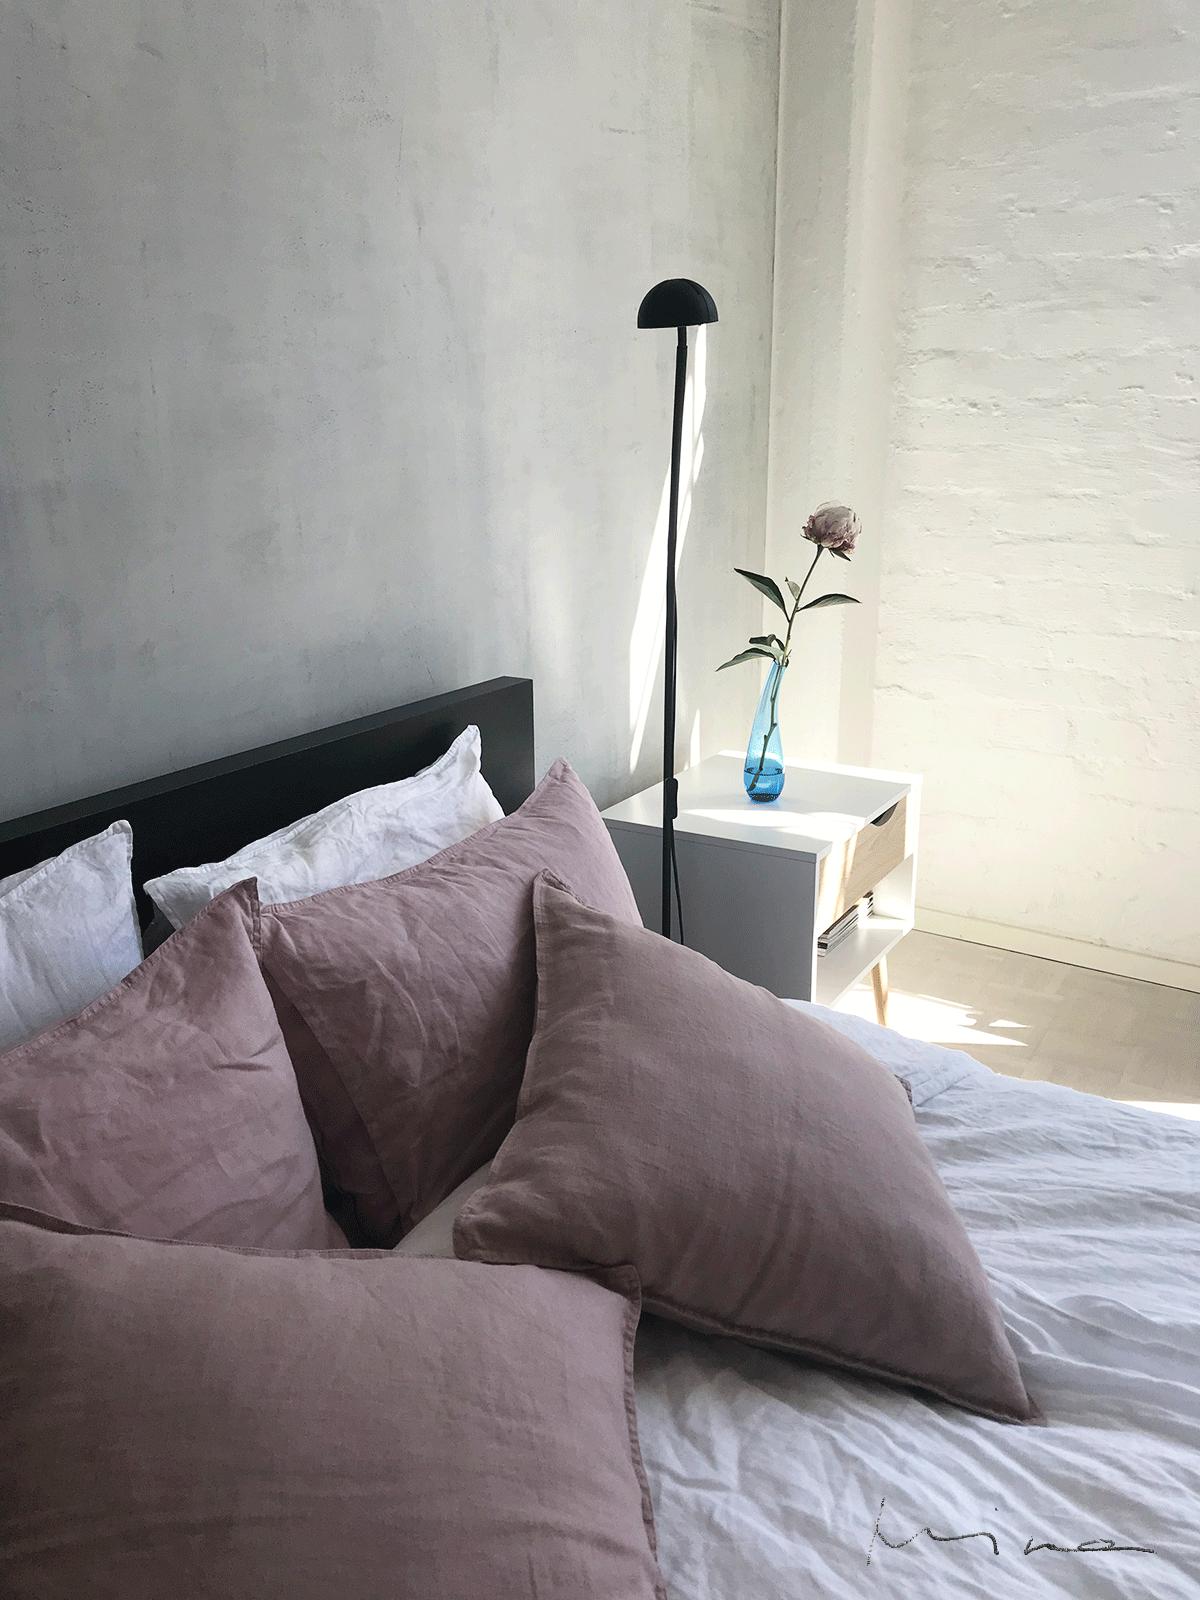 Vaaleanpunaiset tyynyliinat makkarissa